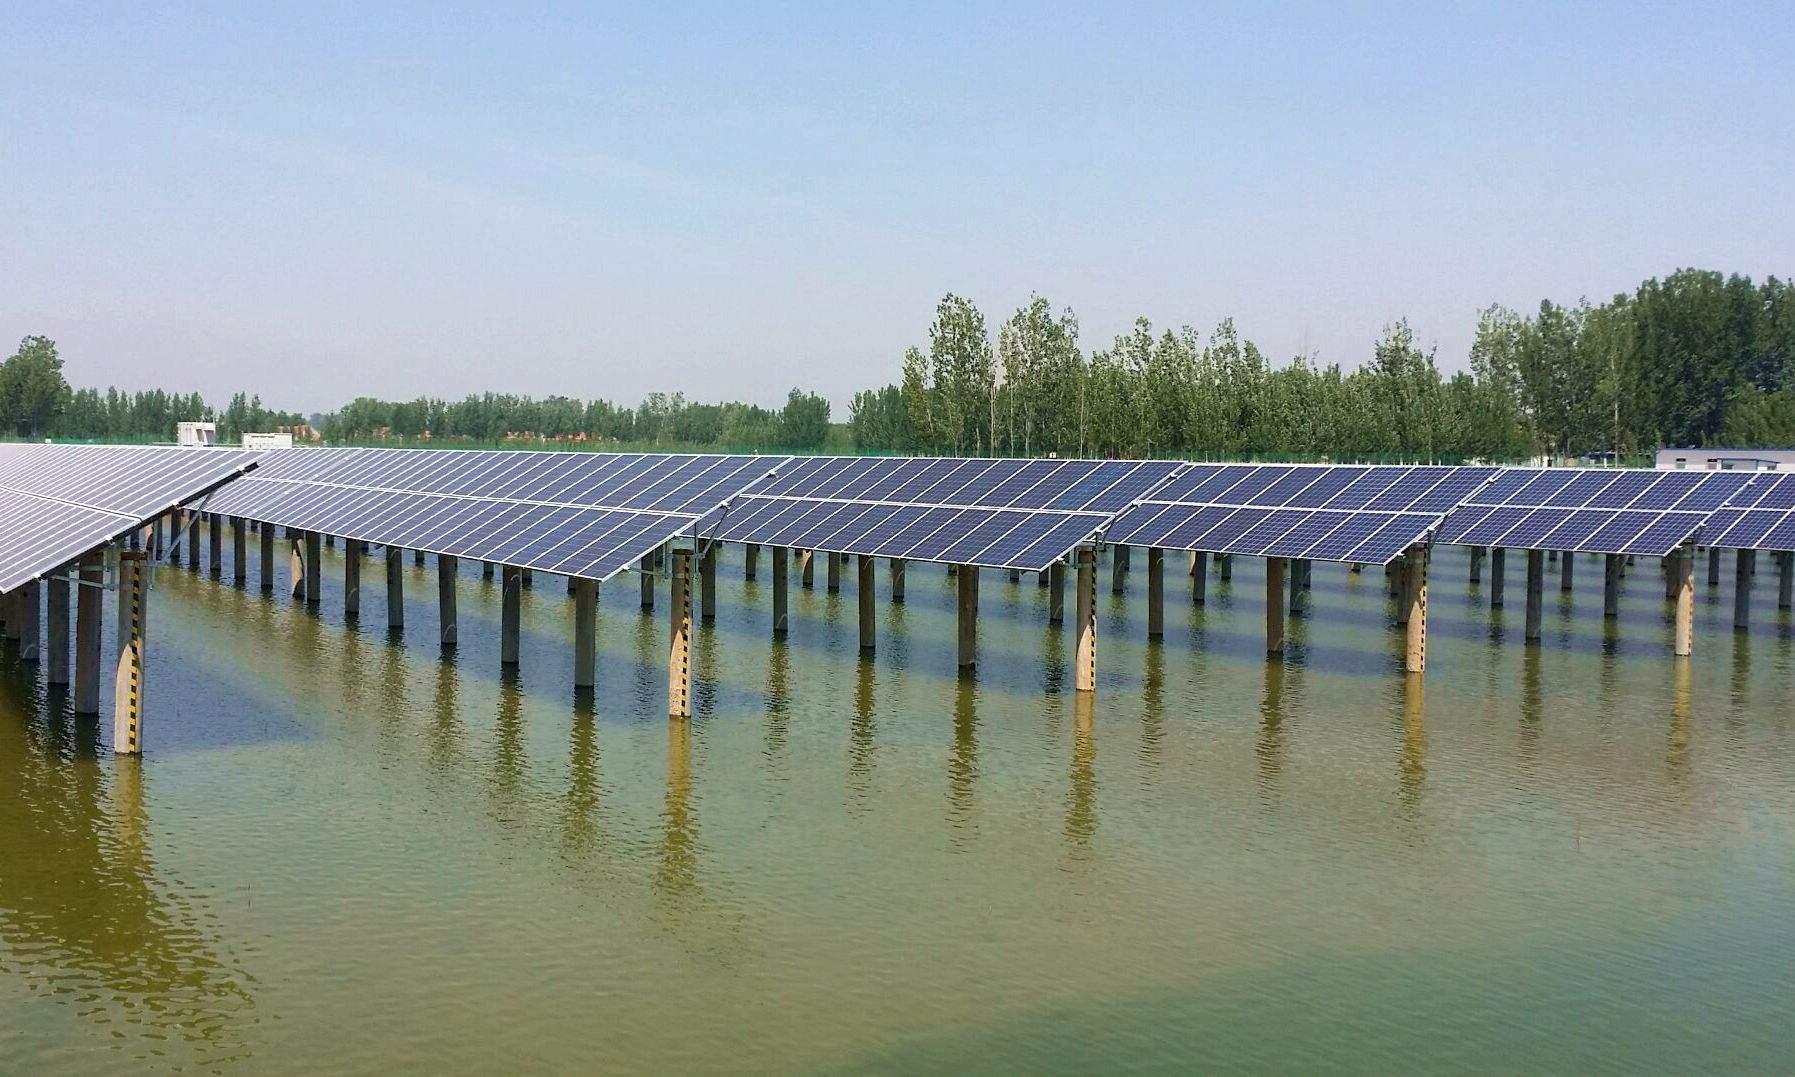 英德市石牯塘镇渔光互补光伏电站项目签约 总投资2.4亿元